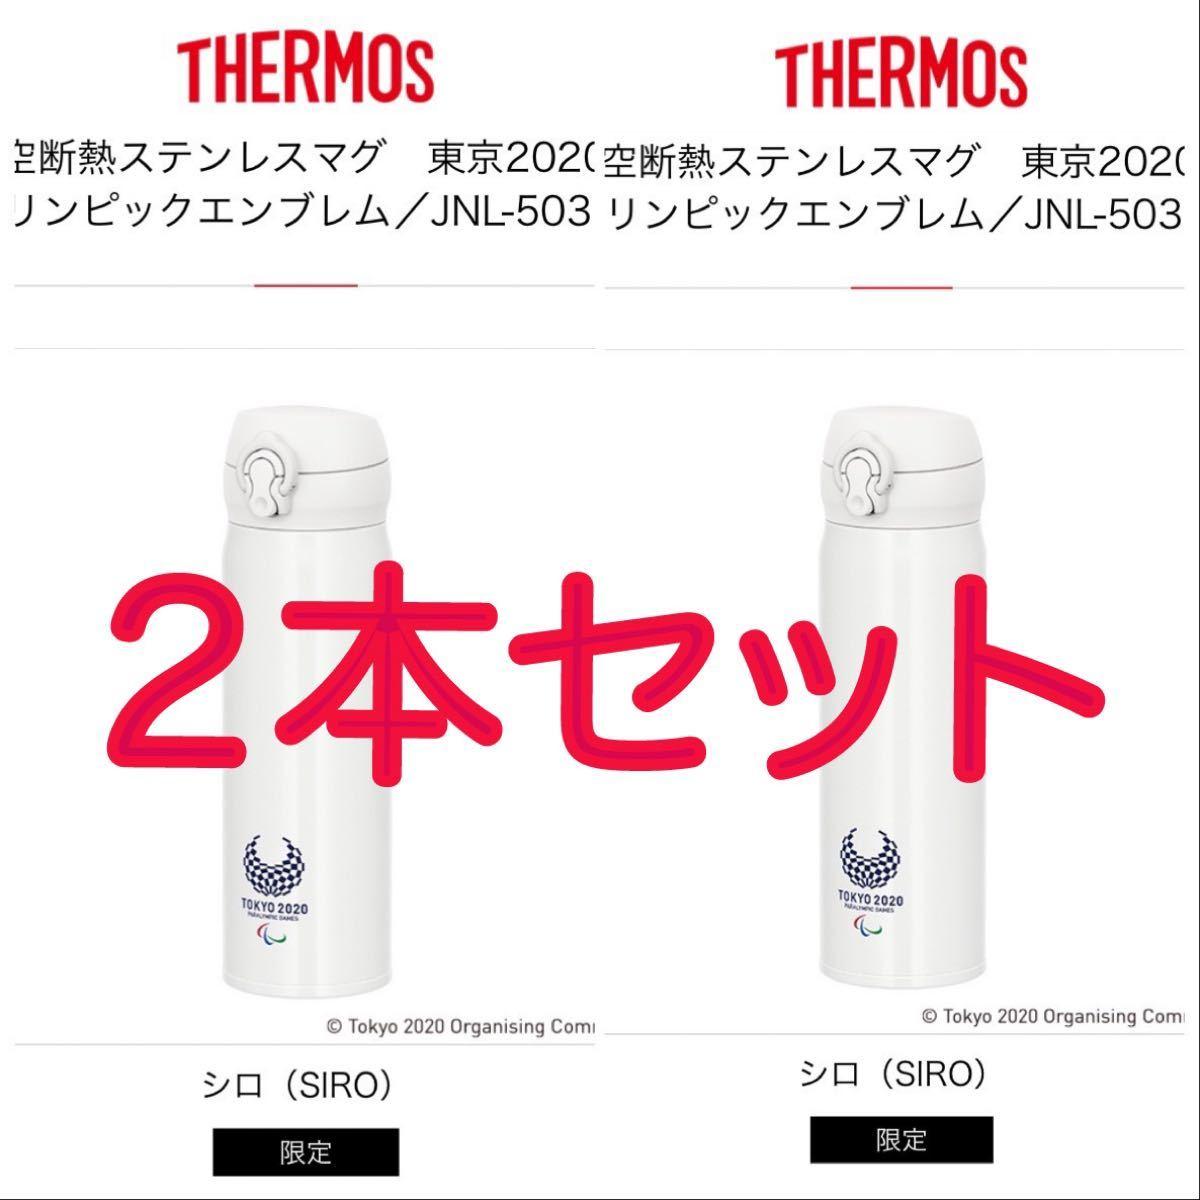 サーモス真空断熱 超軽量210g 携帯マグ 0.5L TOKYO 2020 パラリンピック公式ライセンス商品 限定 水筒